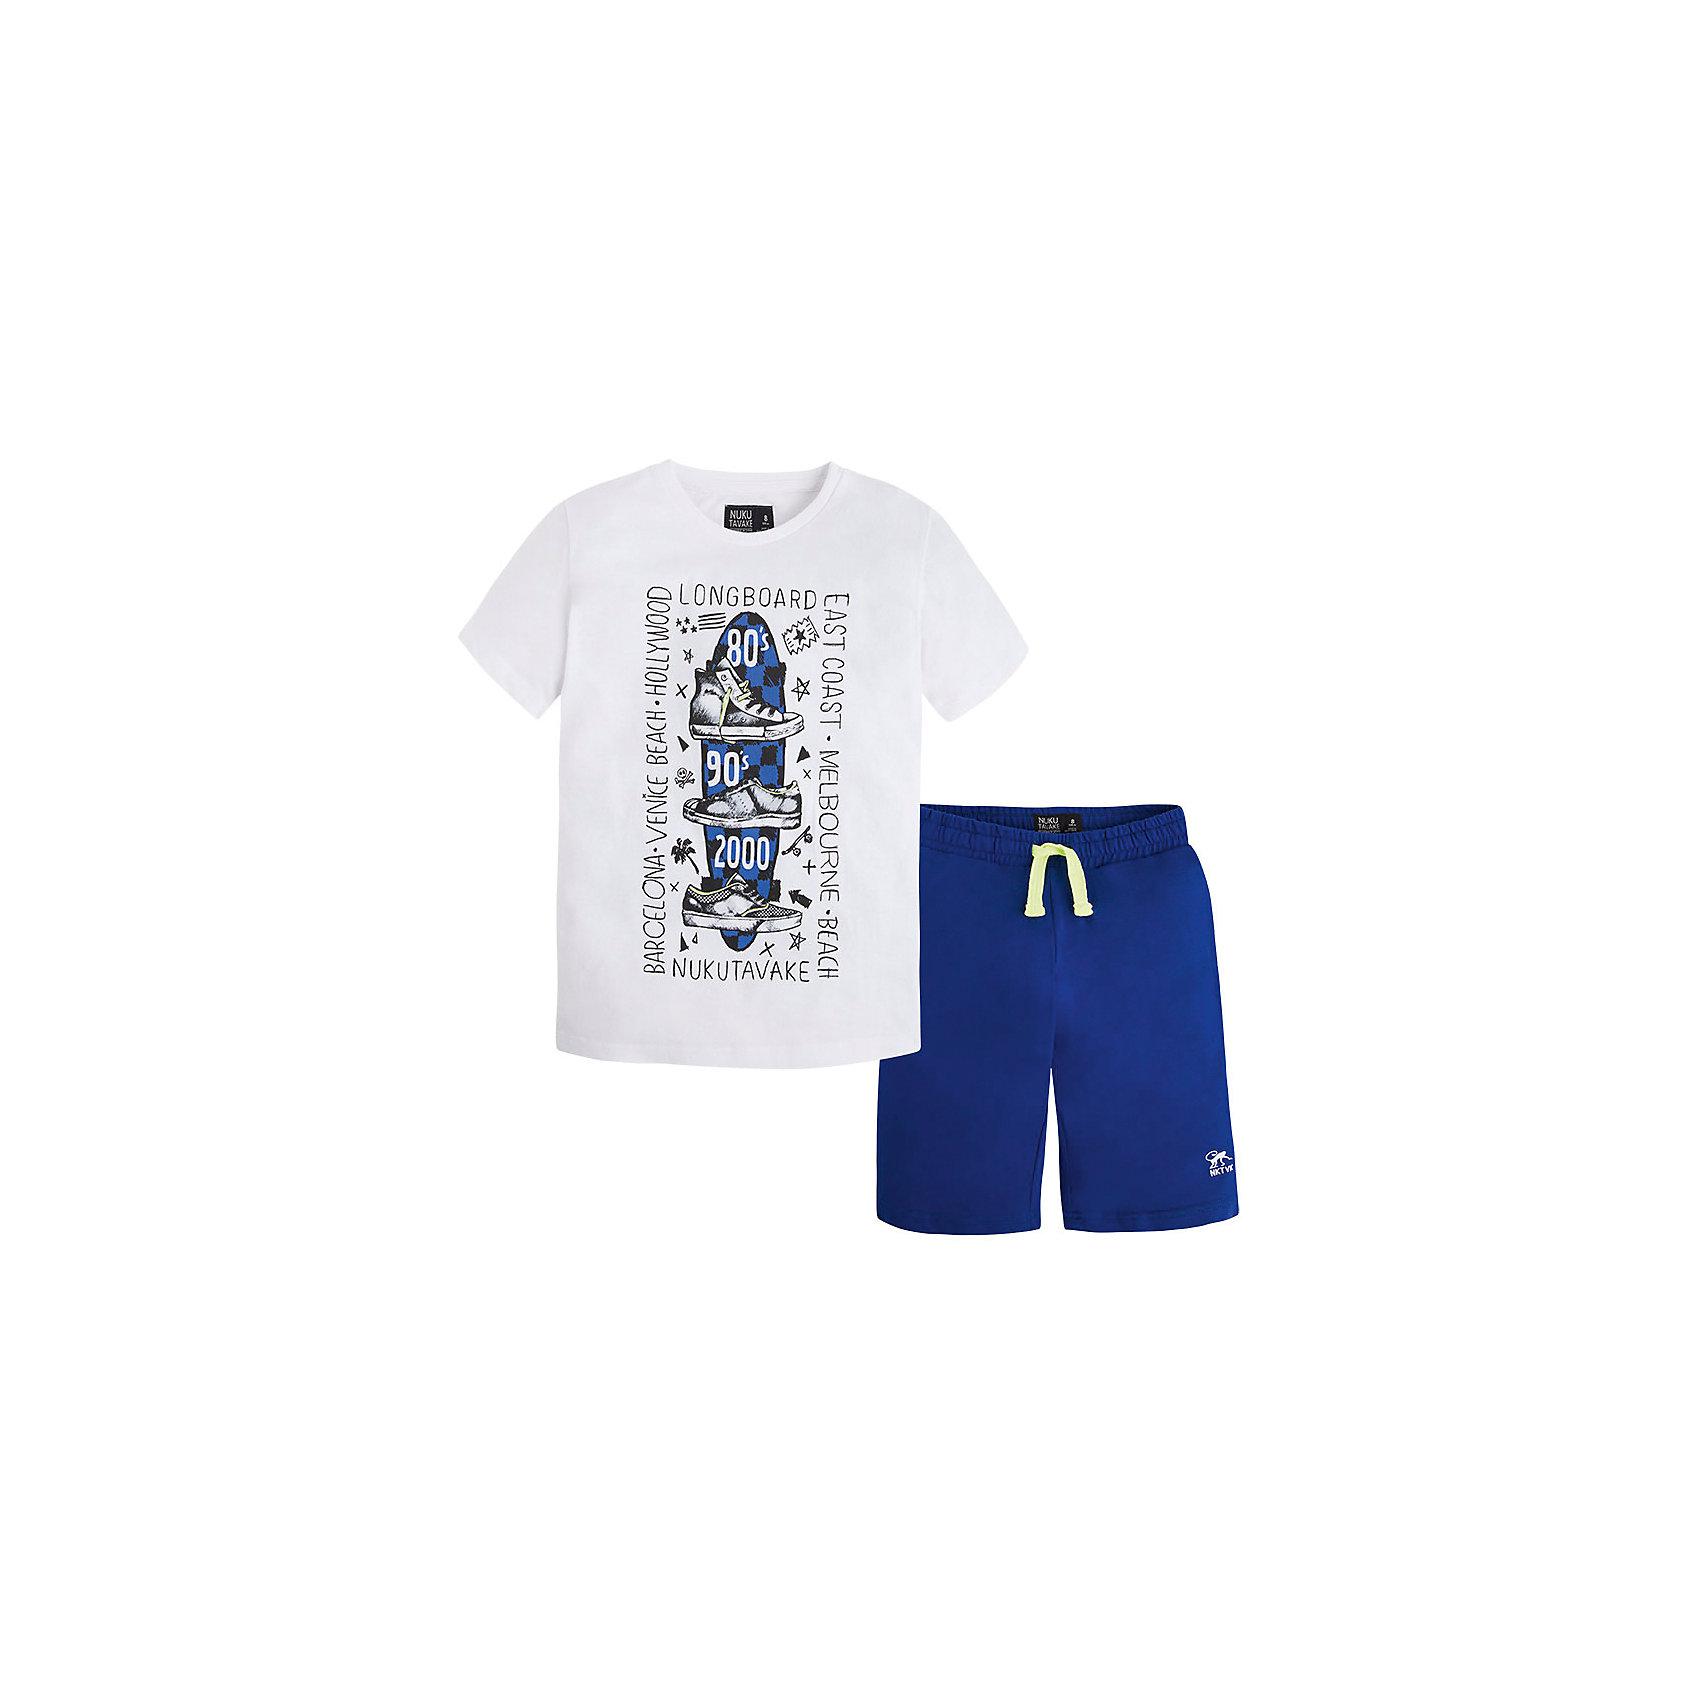 Комплект для мальчика: футболка и шорты MayoralКомплект для мальчика от известной испанской марки Mayoral - прекрасный вариант для жаркой погоды.<br><br>Дополнительная информация:<br><br>- Шорты и футболка.<br>- Мягкая трикотажная ткань<br>- Округлый вырез горловины.<br>- Футболка декорирована ярким принтом.<br>- Шорты прямого кроя.<br>- На эластичном поясе с кулиской.<br>- Состав: 65 % полиэстер, 35 % хлопок.<br><br>Комплект для мальчика Mayoral (Майорал) можно купить в нашем магазине.<br><br>Ширина мм: 199<br>Глубина мм: 10<br>Высота мм: 161<br>Вес г: 151<br>Цвет: синий<br>Возраст от месяцев: 84<br>Возраст до месяцев: 96<br>Пол: Мужской<br>Возраст: Детский<br>Размер: 128,164,140,152,158<br>SKU: 4538686